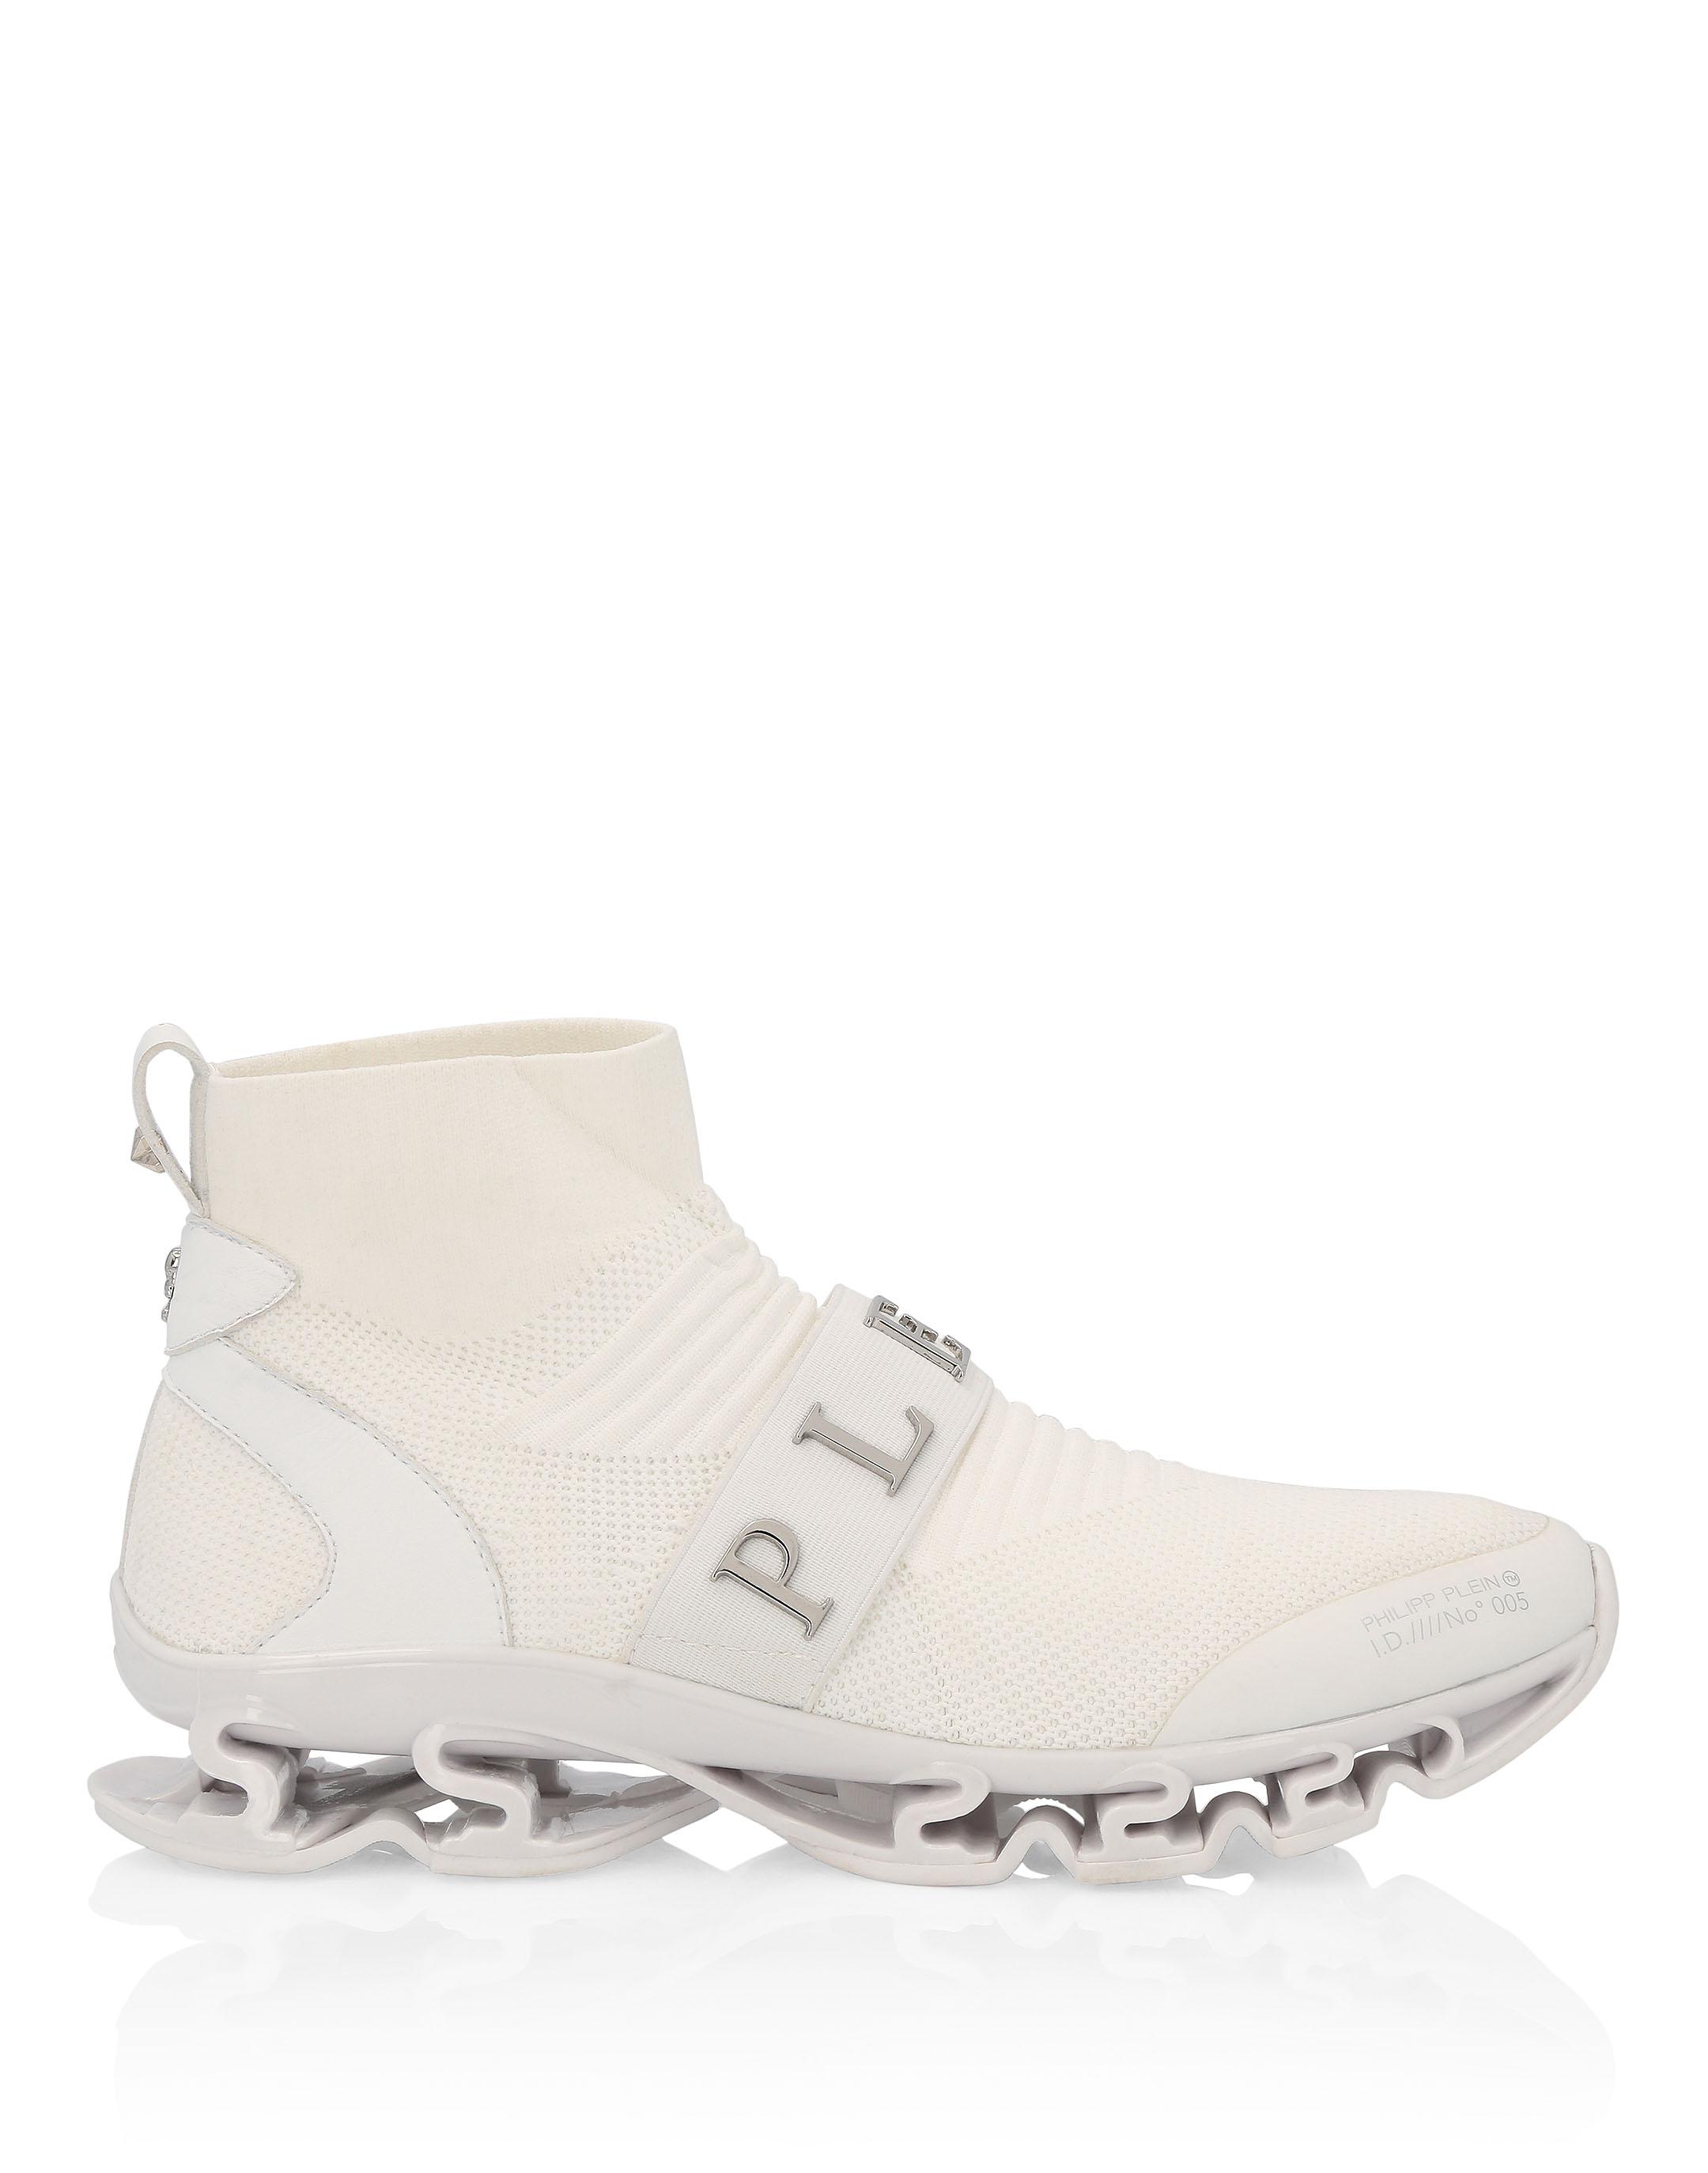 Philipp Plein ribbed skate sneakers in 2019 | Sneakers